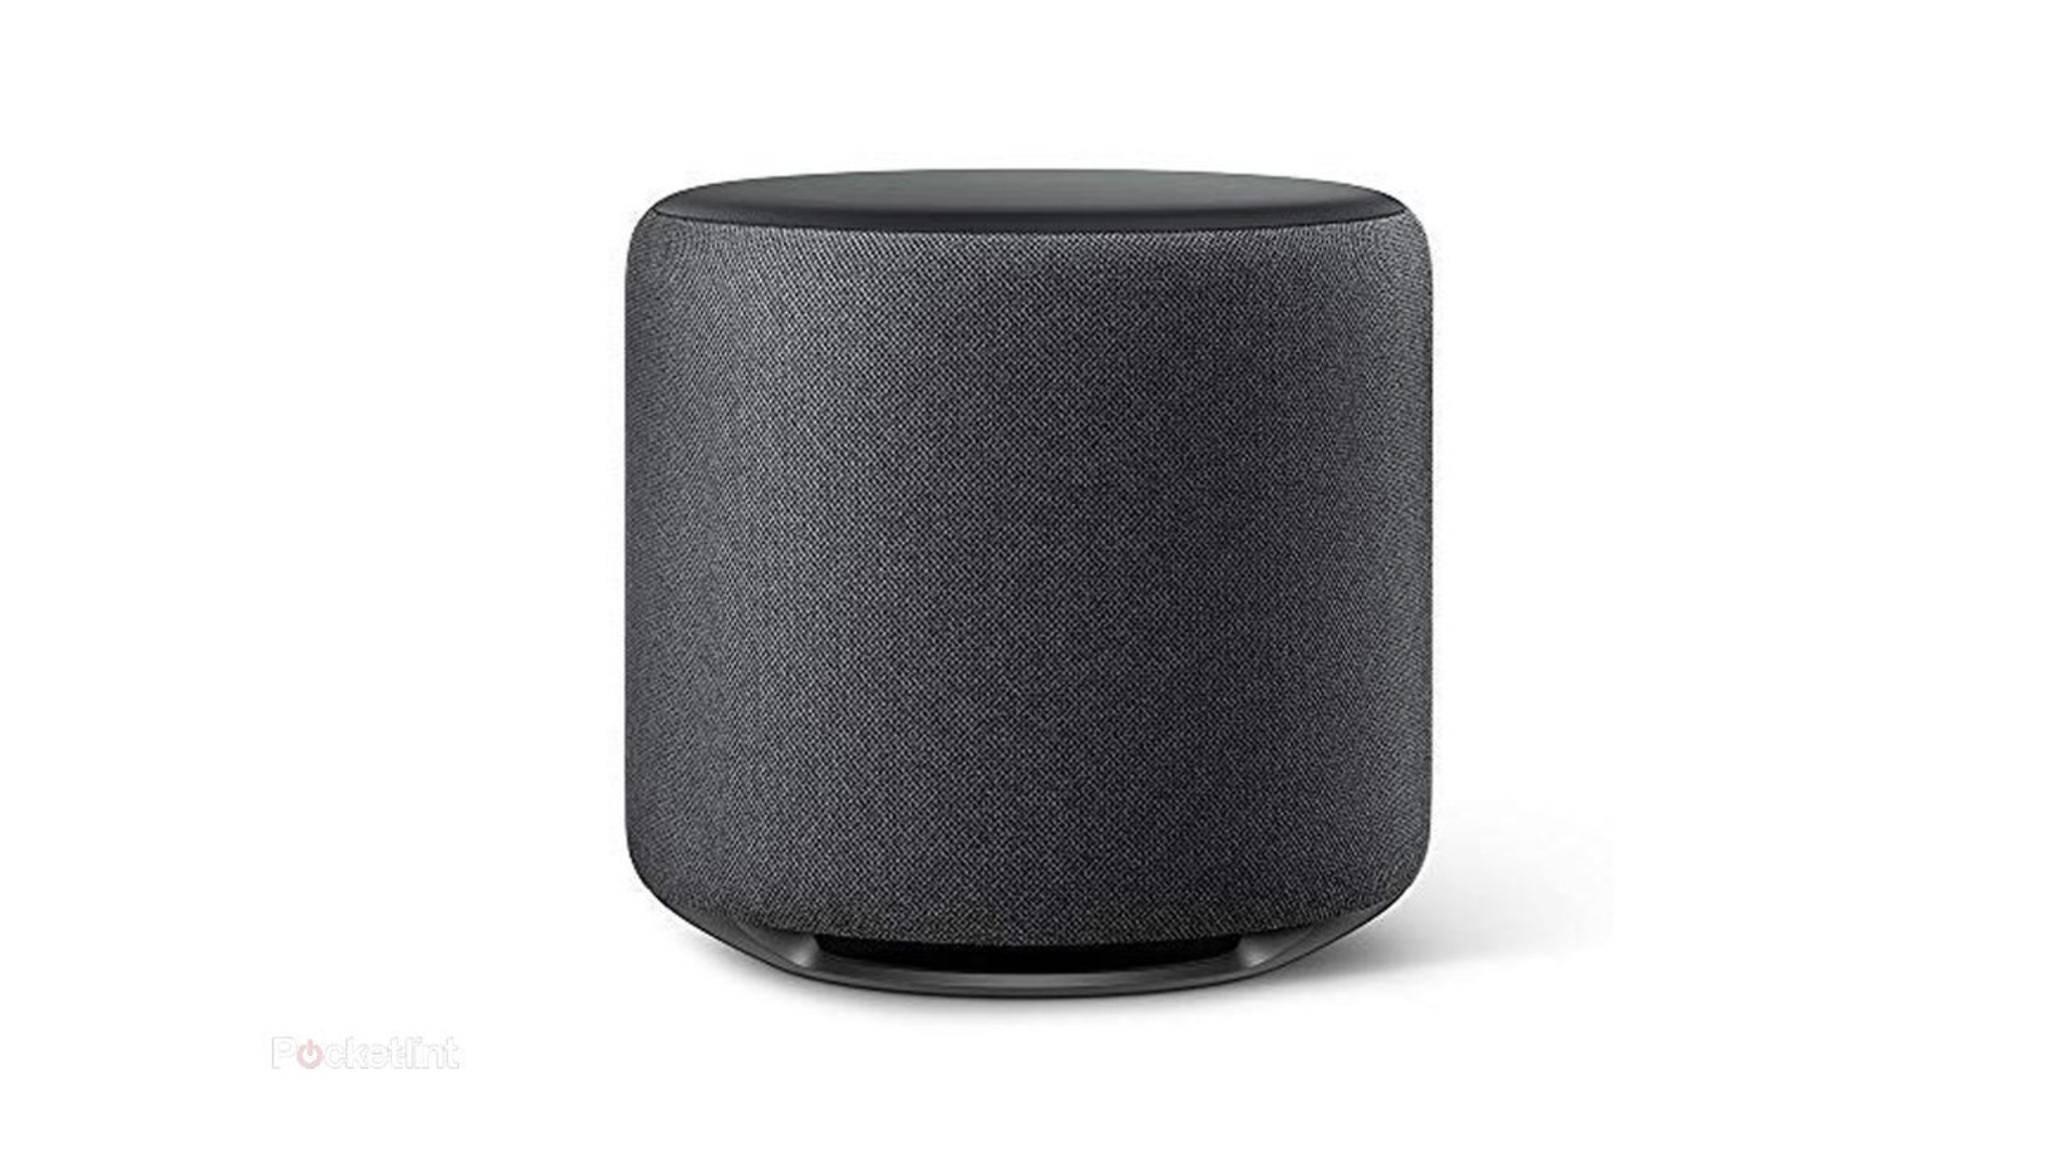 Der Amazon Echo Sub soll Bass mit 100 Watt Ausgangsleistung liefern.